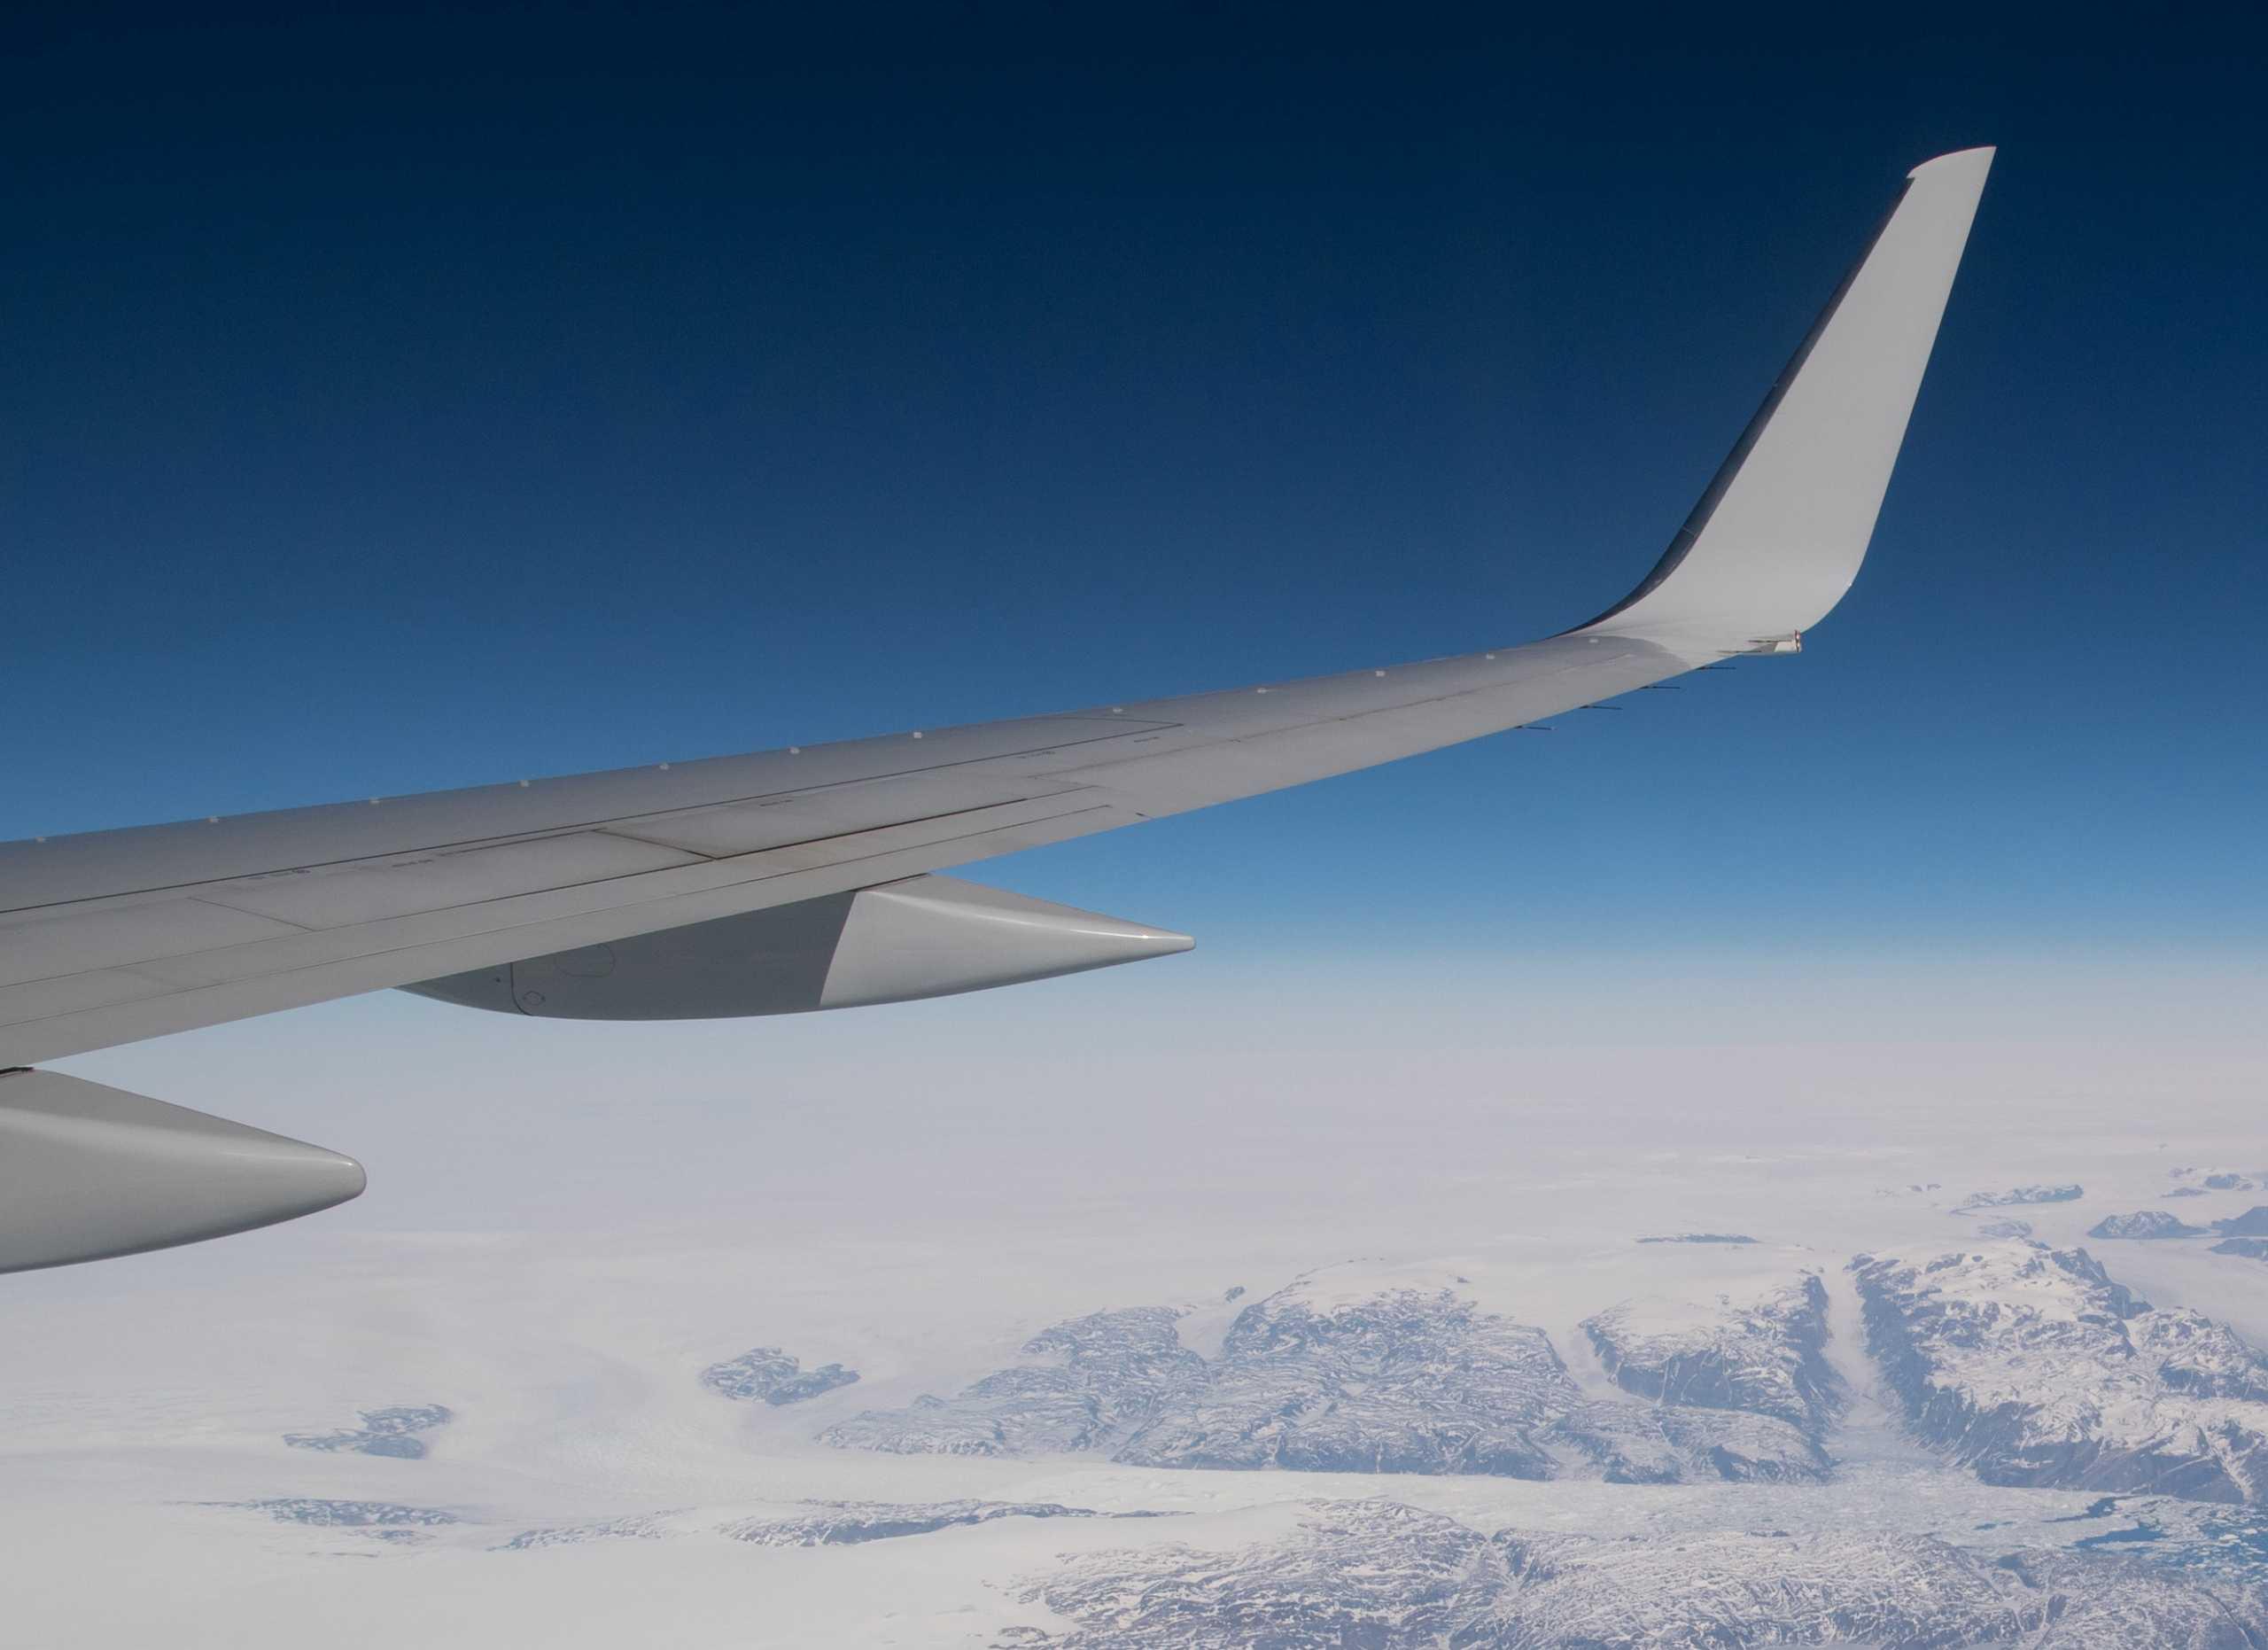 «Παρατράγουδο» και με αεροσκάφος της Austrian Airlines λόγω Λευκορωσίας